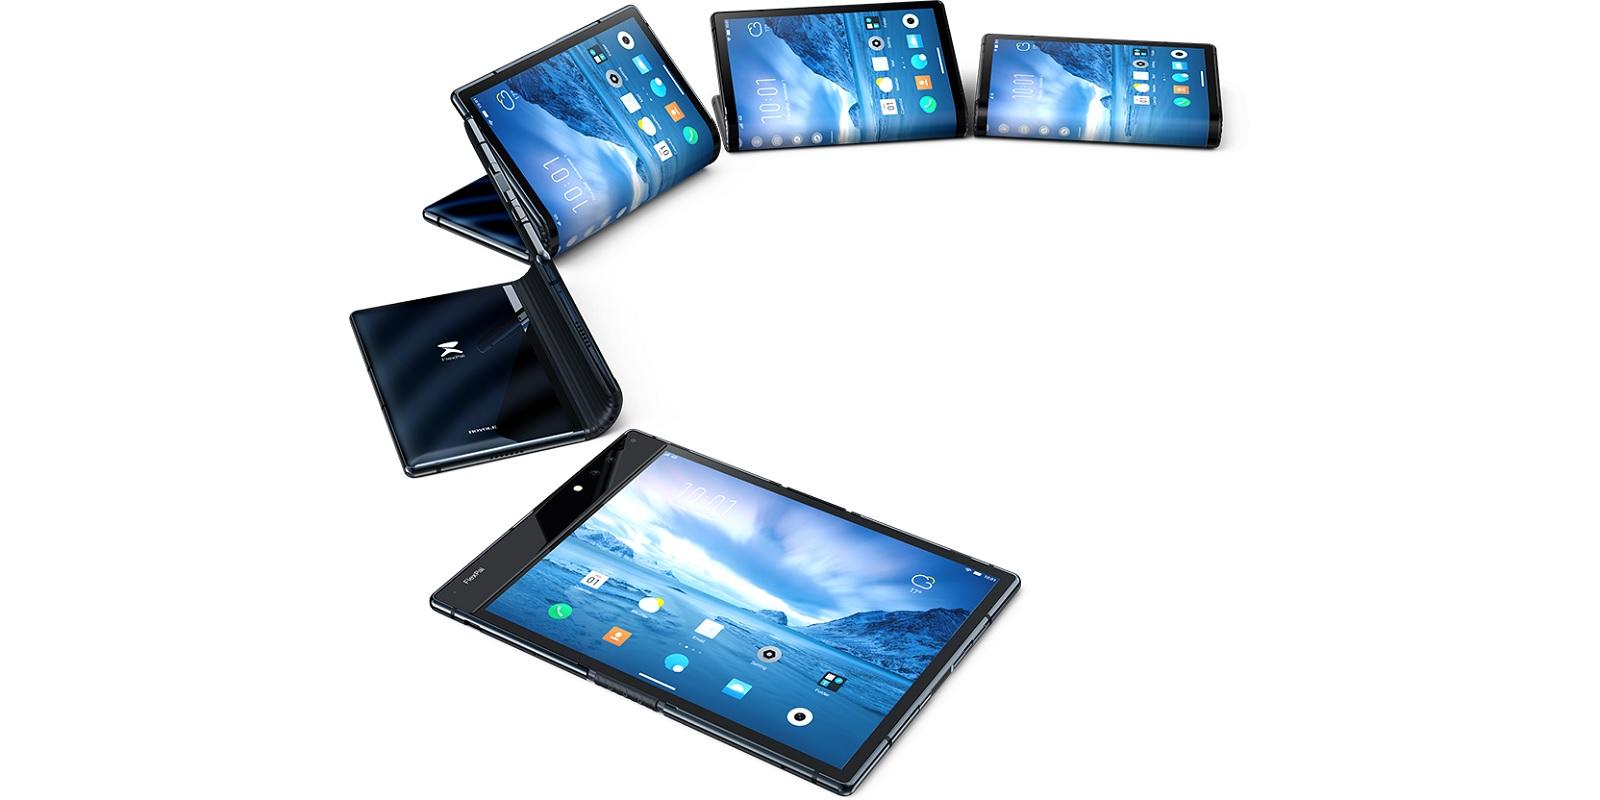 Royole FlexPai smartphone